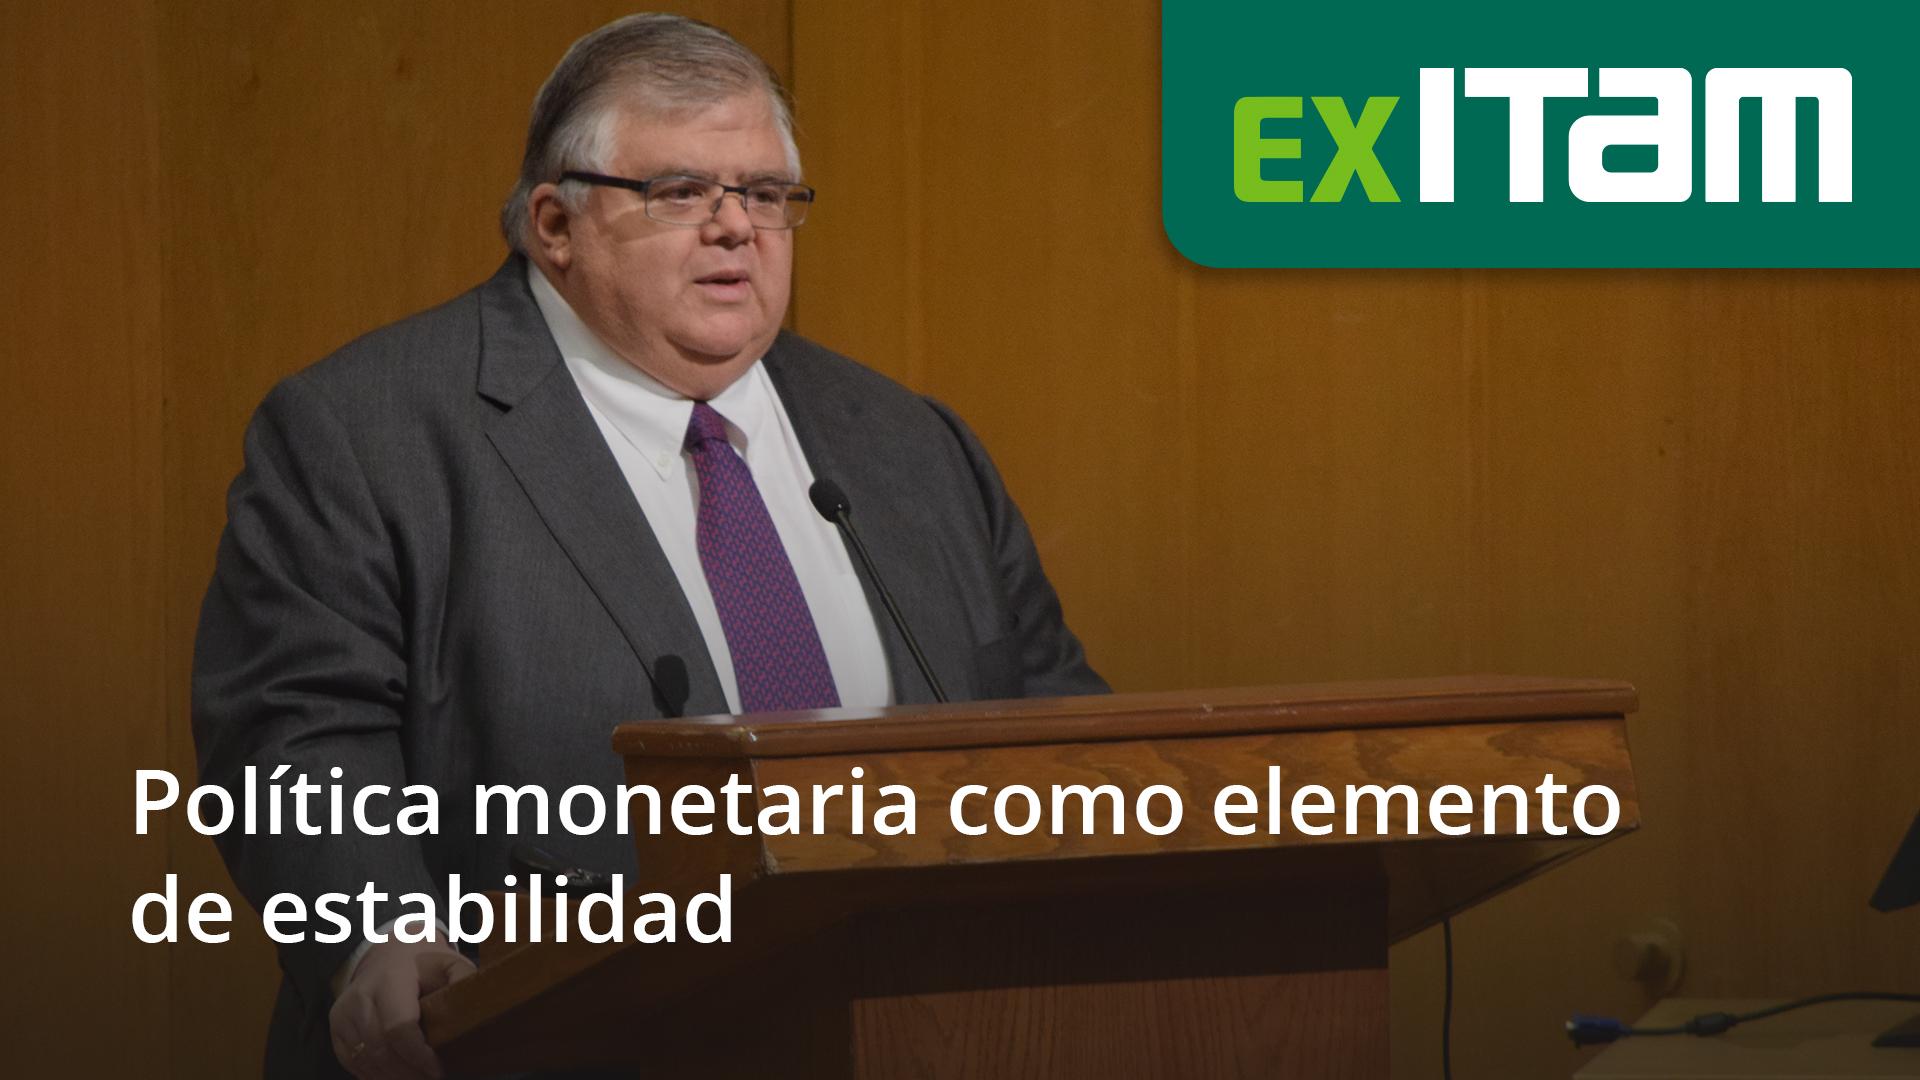 Política monetaria como elemento de estabilidad